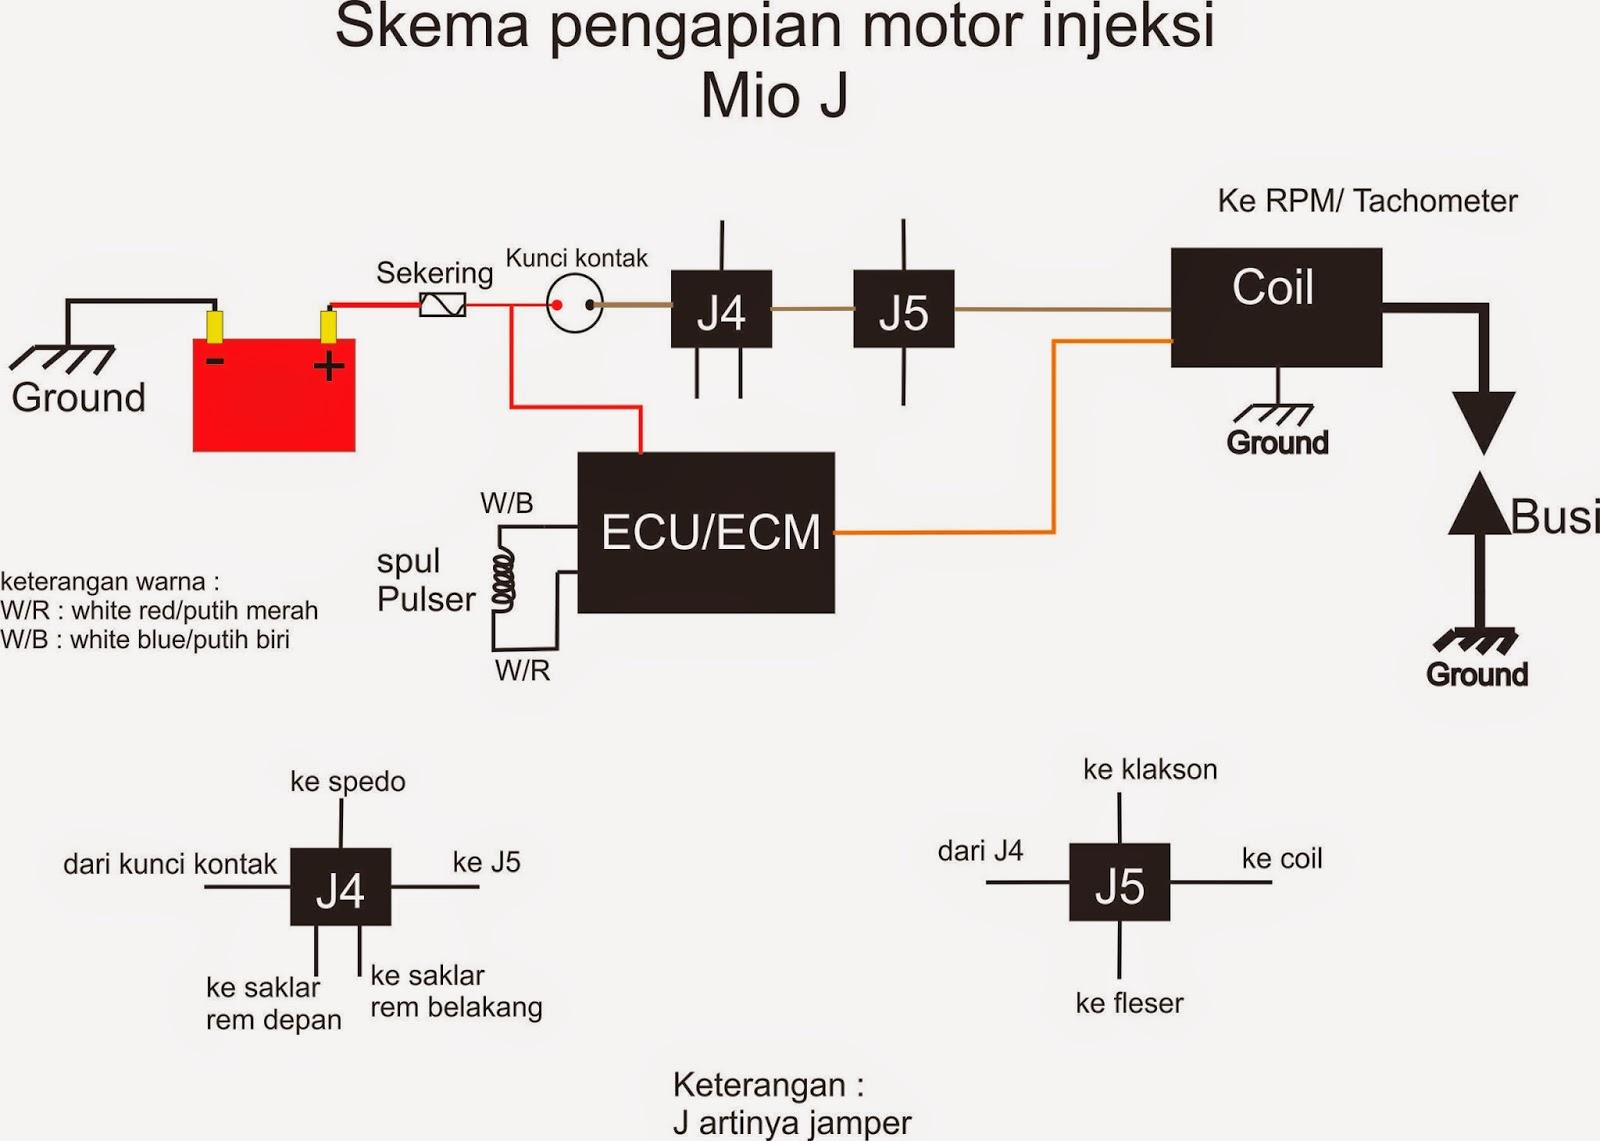 Yamaha Mio Soul Electrical Wiring Diagram Pioneer Avh 280bt Sistem Pengapian Motor Injeksi